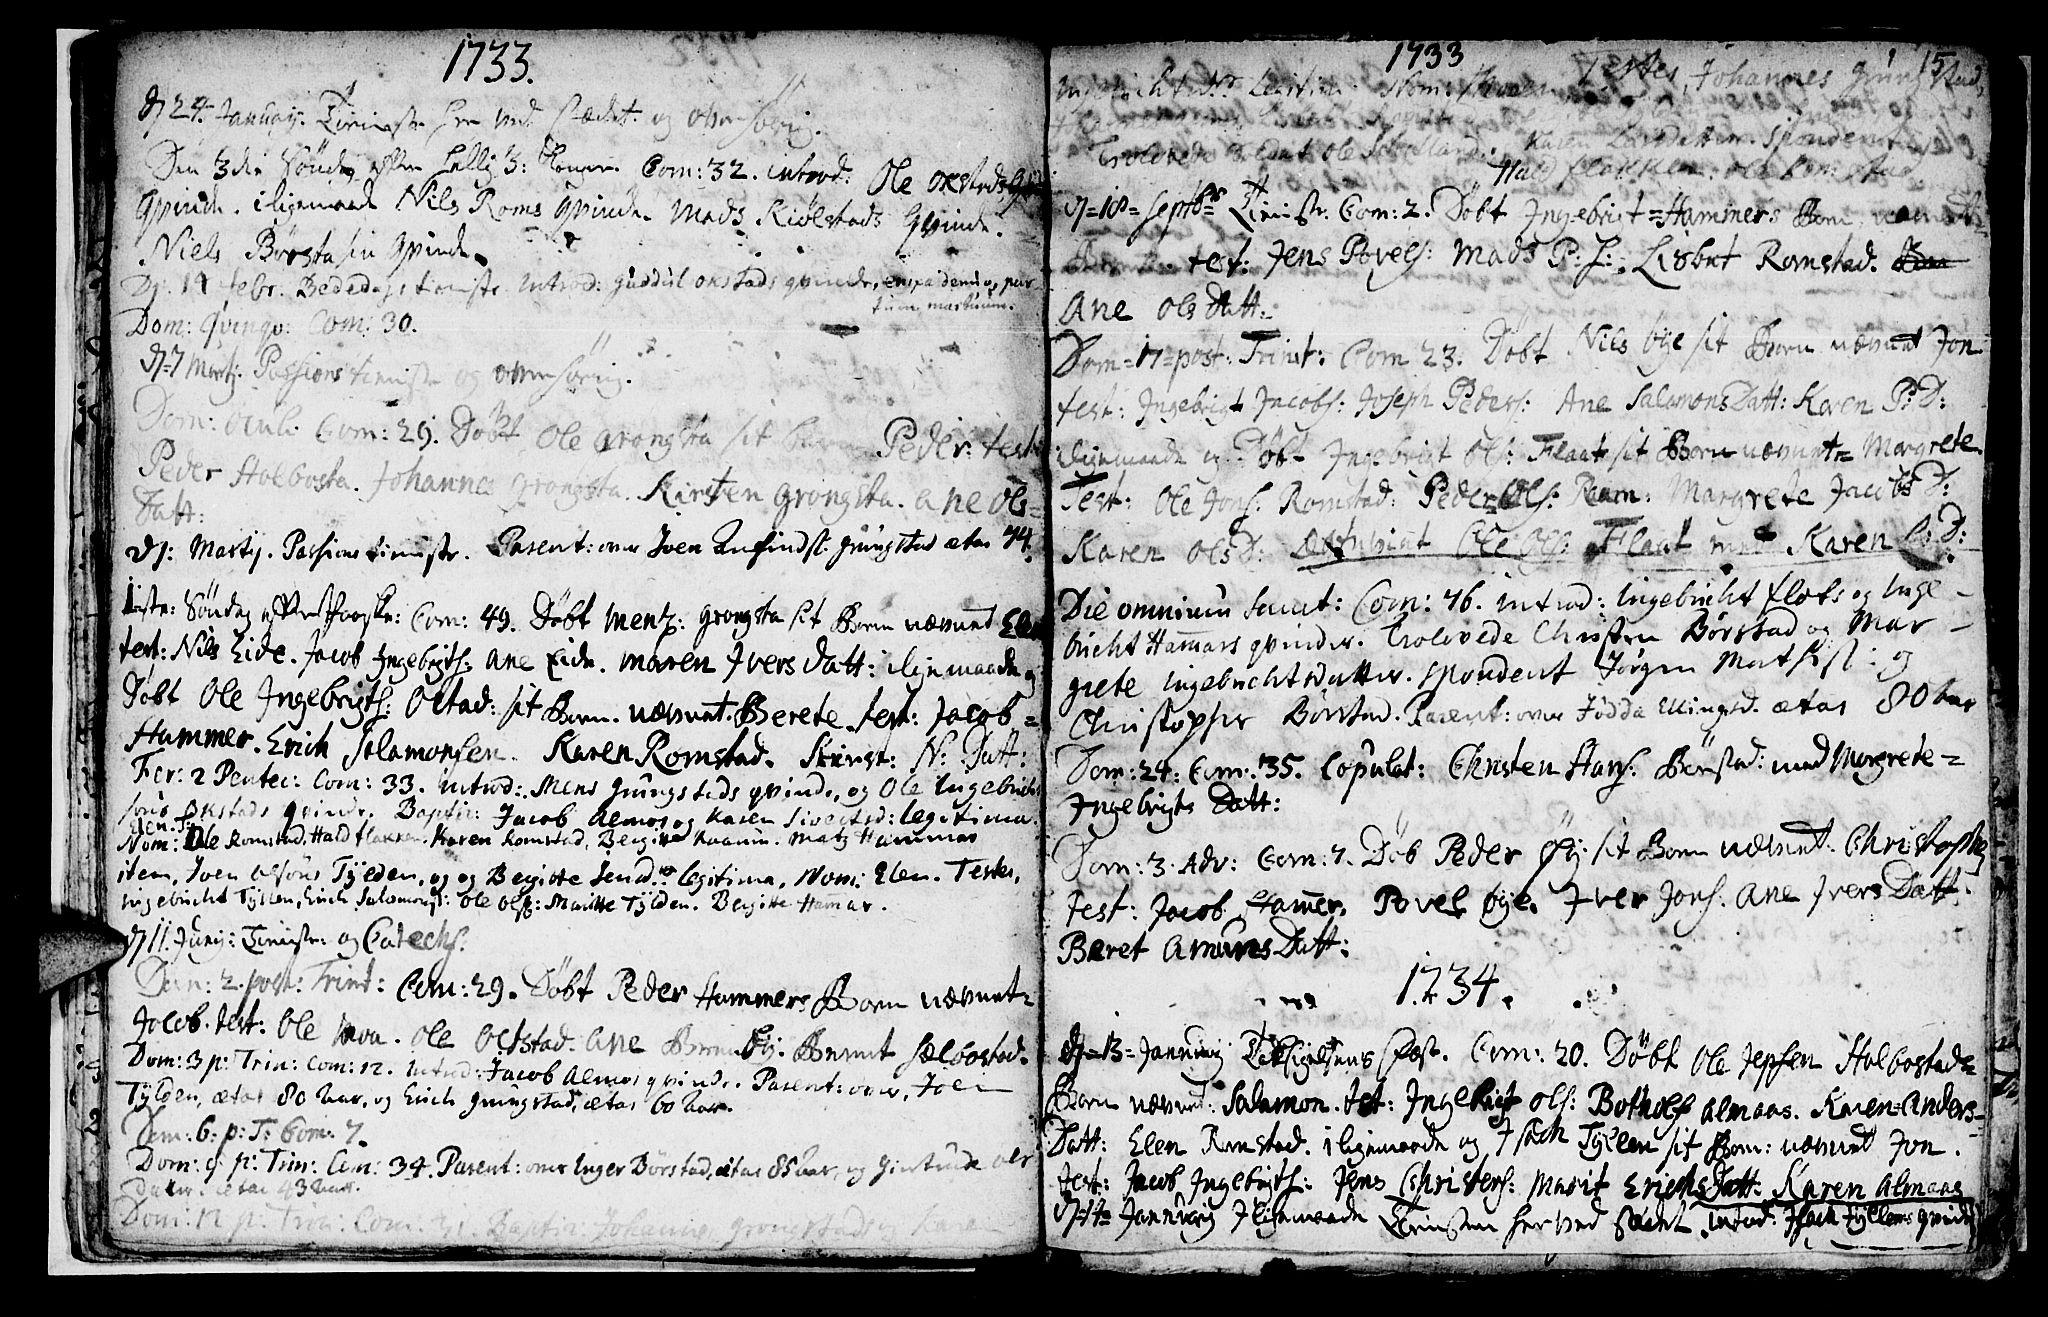 SAT, Ministerialprotokoller, klokkerbøker og fødselsregistre - Nord-Trøndelag, 765/L0560: Parish register (official) no. 765A01, 1706-1748, p. 15